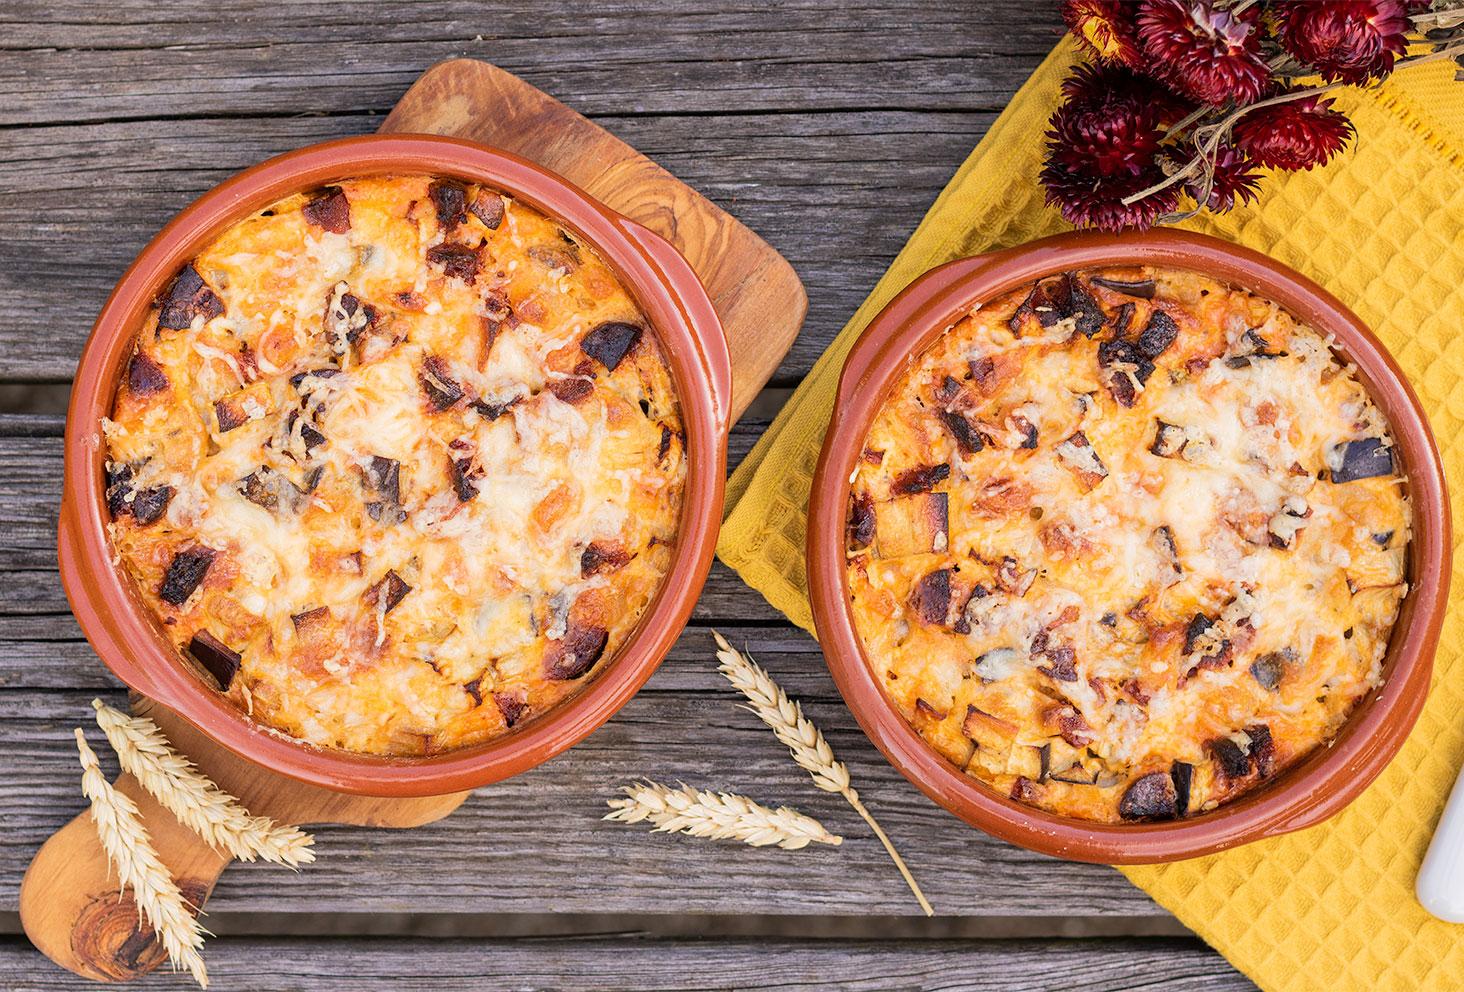 La recette du clafoutis salé aubergine chorizo, dans des ramequins en terre cuite sur une table en bois au milieu d'épis de blé